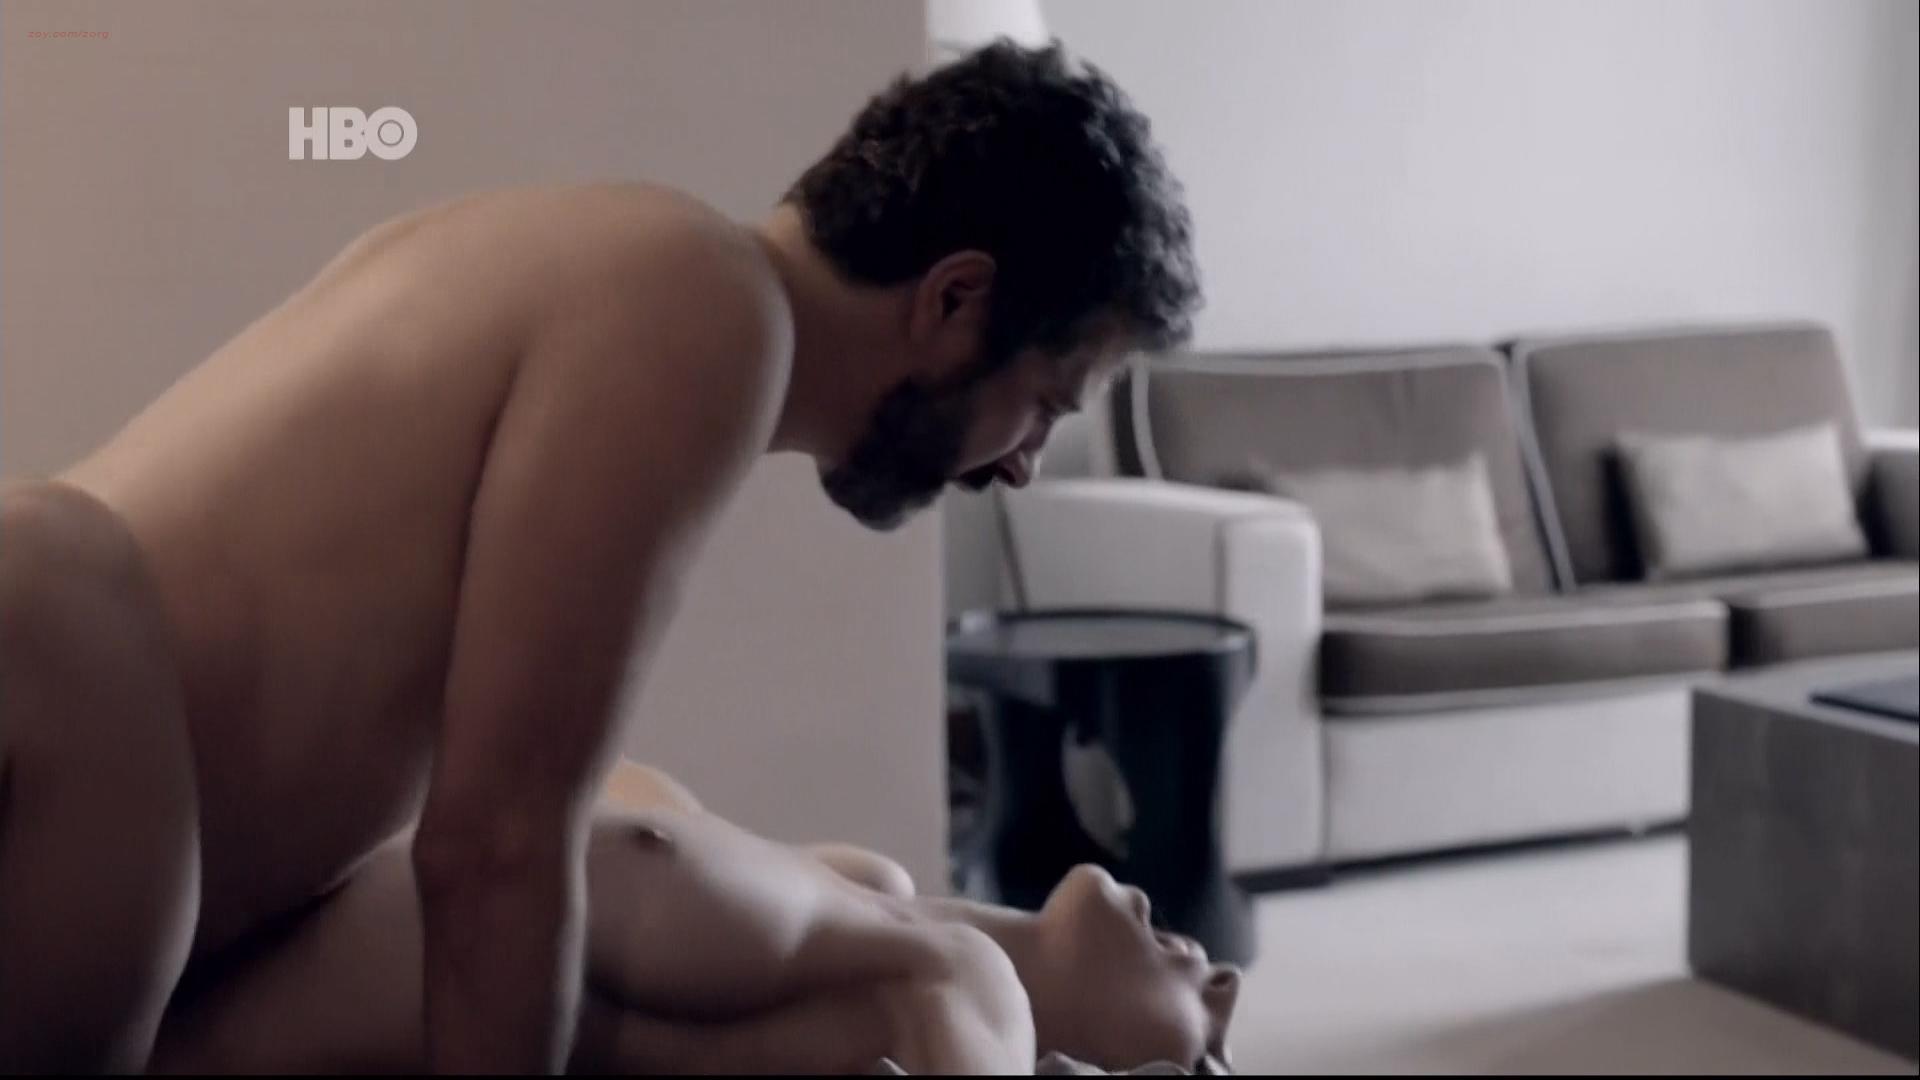 Juliana Schalch nude topless, Carla Zanini, Michelle Batista and Gabriella Vergani nude sex too - O Negócio (BR-2016) s3e7-8 HDTV 1080p (6)